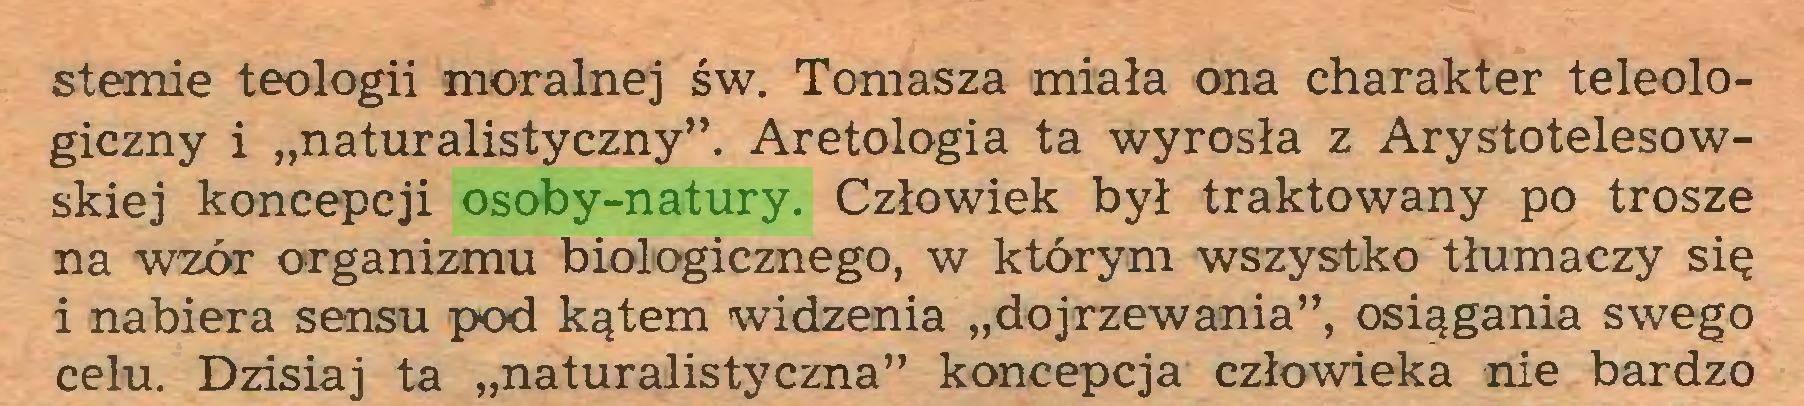 """(...) stemie teologii moralnej św. Tomasza miała ona charakter teleologiczny i """"naturalistyczny"""". Aretologia ta wyrosła z Arystotelesowskiej koncepcji osoby-natury. Człowiek był traktowany po trosze na wzór organizmu biologicznego, w którym wszystko tłumaczy się i nabiera sensu pod kątem widzenia """"dojrzewania"""", osiągania swego celu. Dzisiaj ta """"naturalistyczna"""" koncepcja człowieka nie bardzo..."""